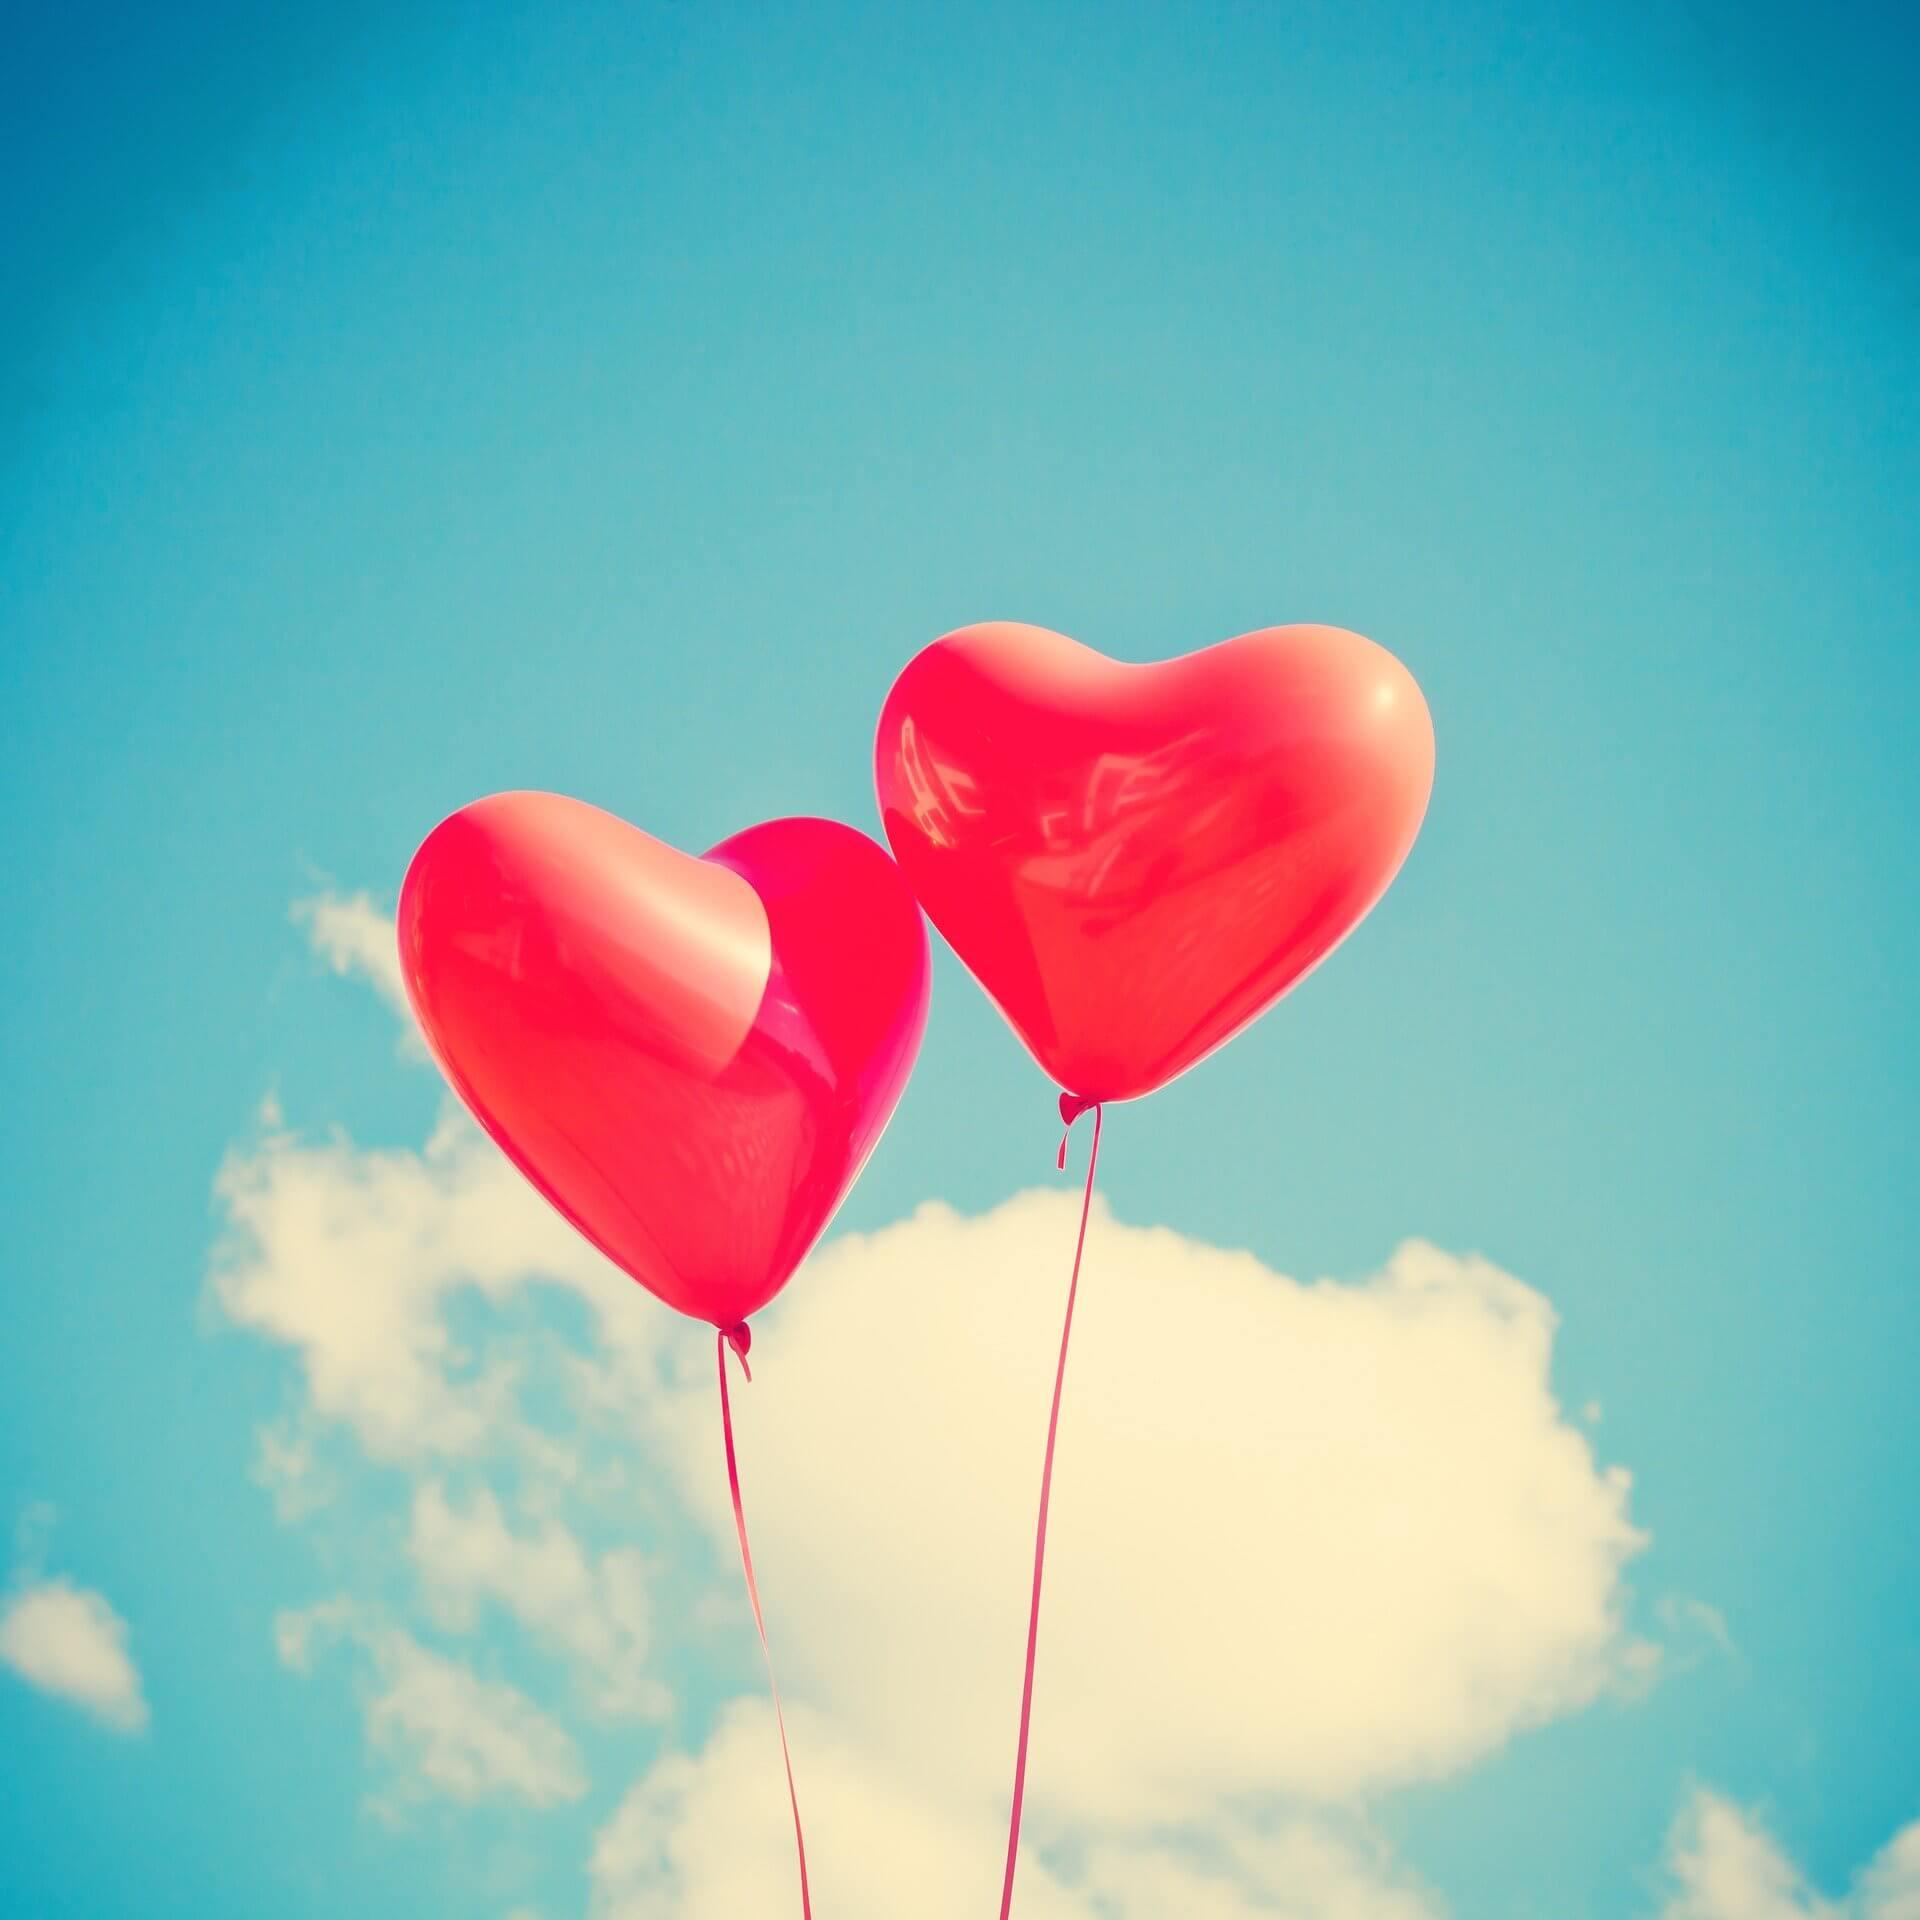 amazing women quotes balloon